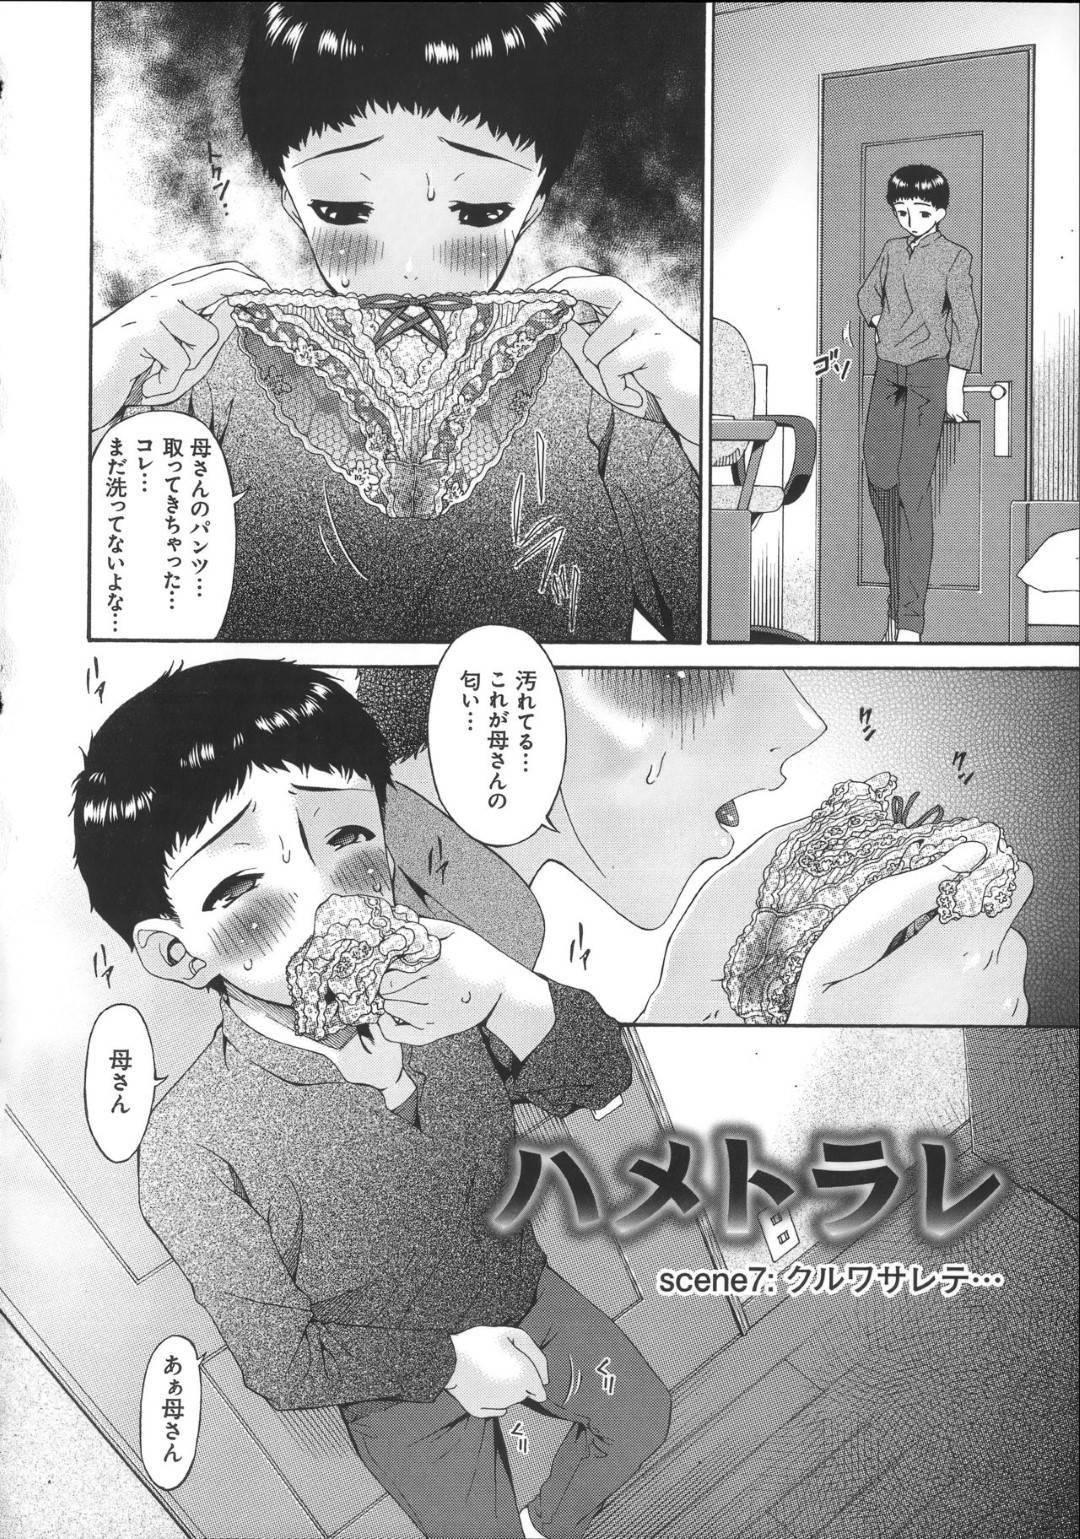 【エロ漫画】男と不倫旅行へと訪れたムチムチ人妻…彼女は温泉で男たちと乱交させられる事となり、勃起チンポに囲まれてはチンポをしゃぶったり手コキしたり、挿入されたりとやりたい放題された後、肉便器同様に全身を精子まみれにされてしまう。【唄飛鳥:ハメトラレ scene7:クルワサレテ…】